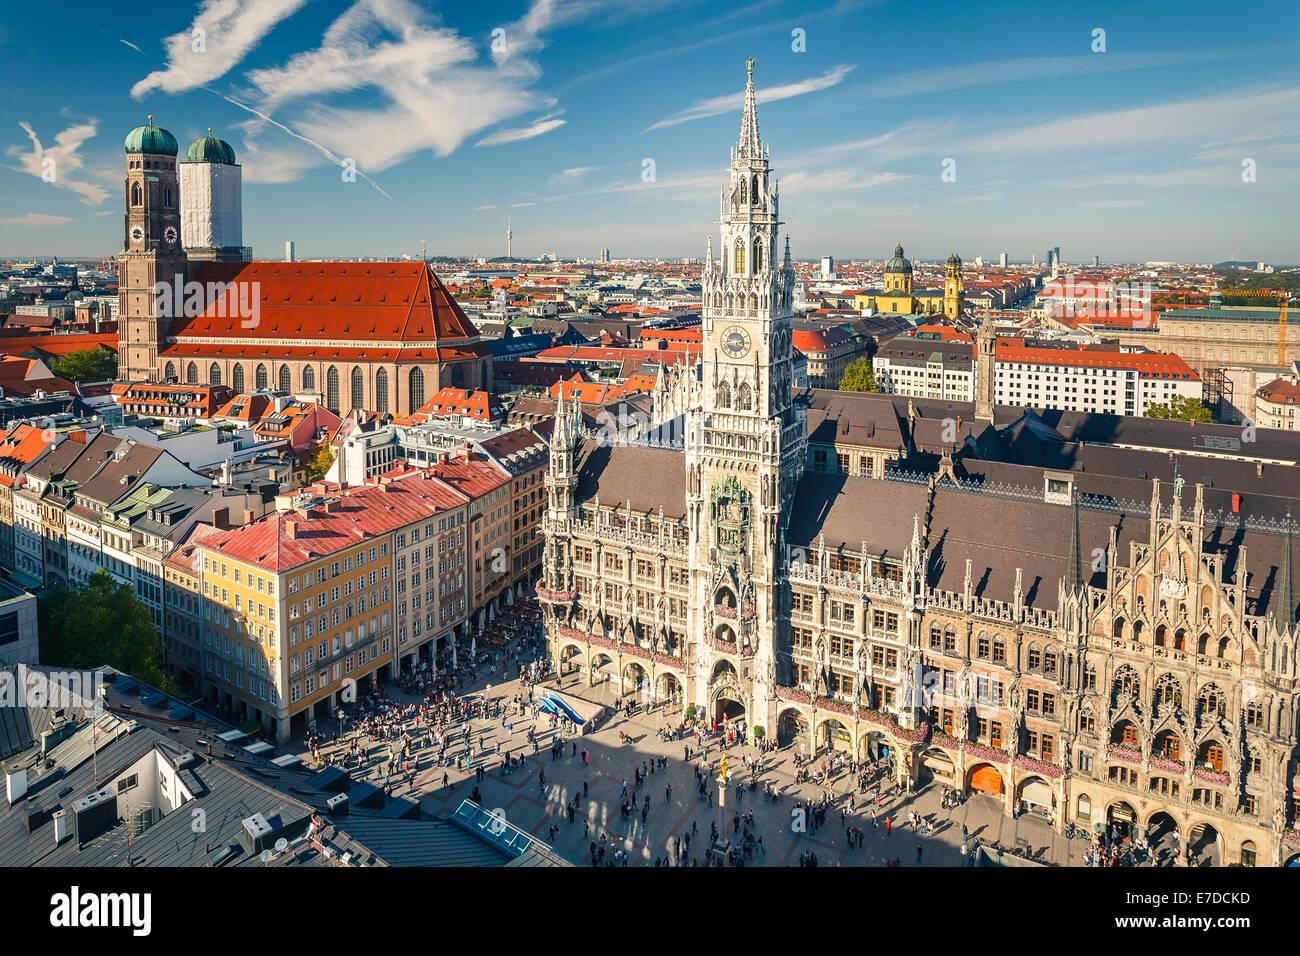 Vista aerea sul centro storico di Monaco di Baviera Immagini Stock